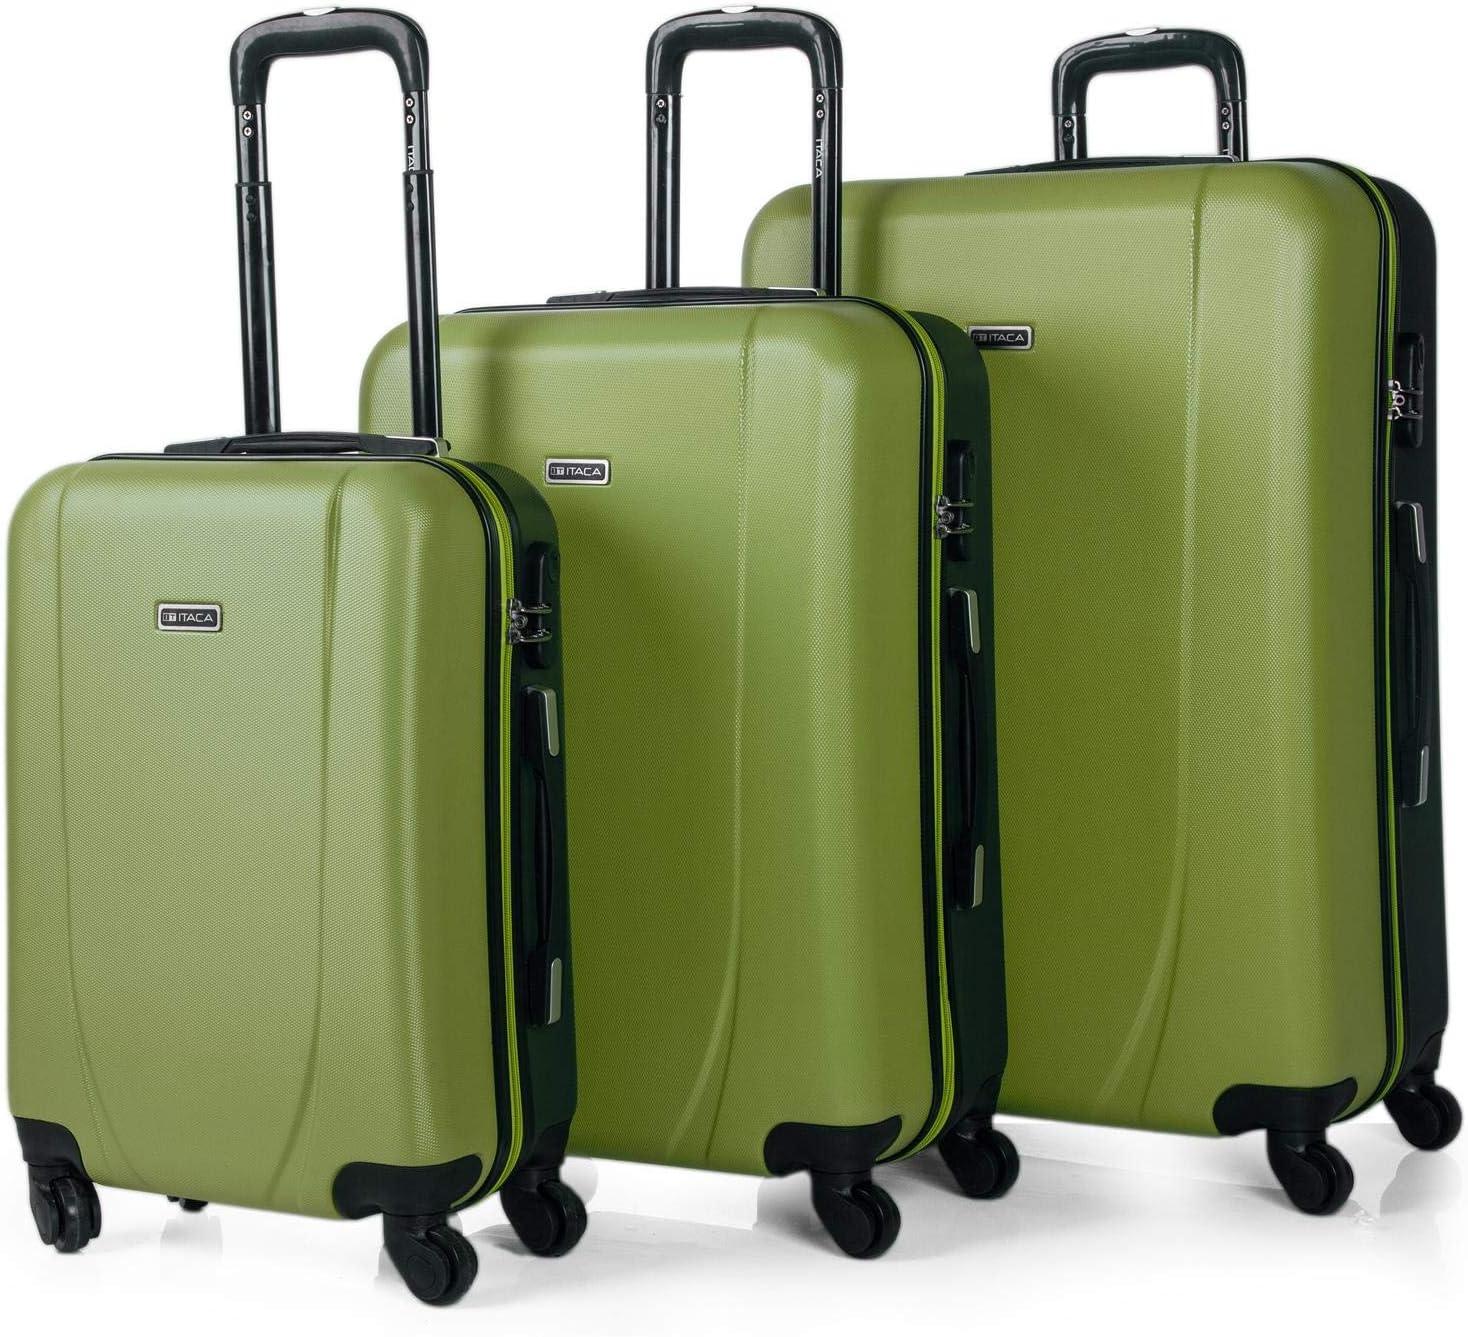 ITACA - Juego de Maletas de Viaje Rígidas 4 Ruedas Trolley 55/65/75 cm ABS. Buenas Cómodas y Ligeras. Candado. Grande Mediana y Pequeña Cabina Ryanair. 7110, Color Pistacho-Antracita